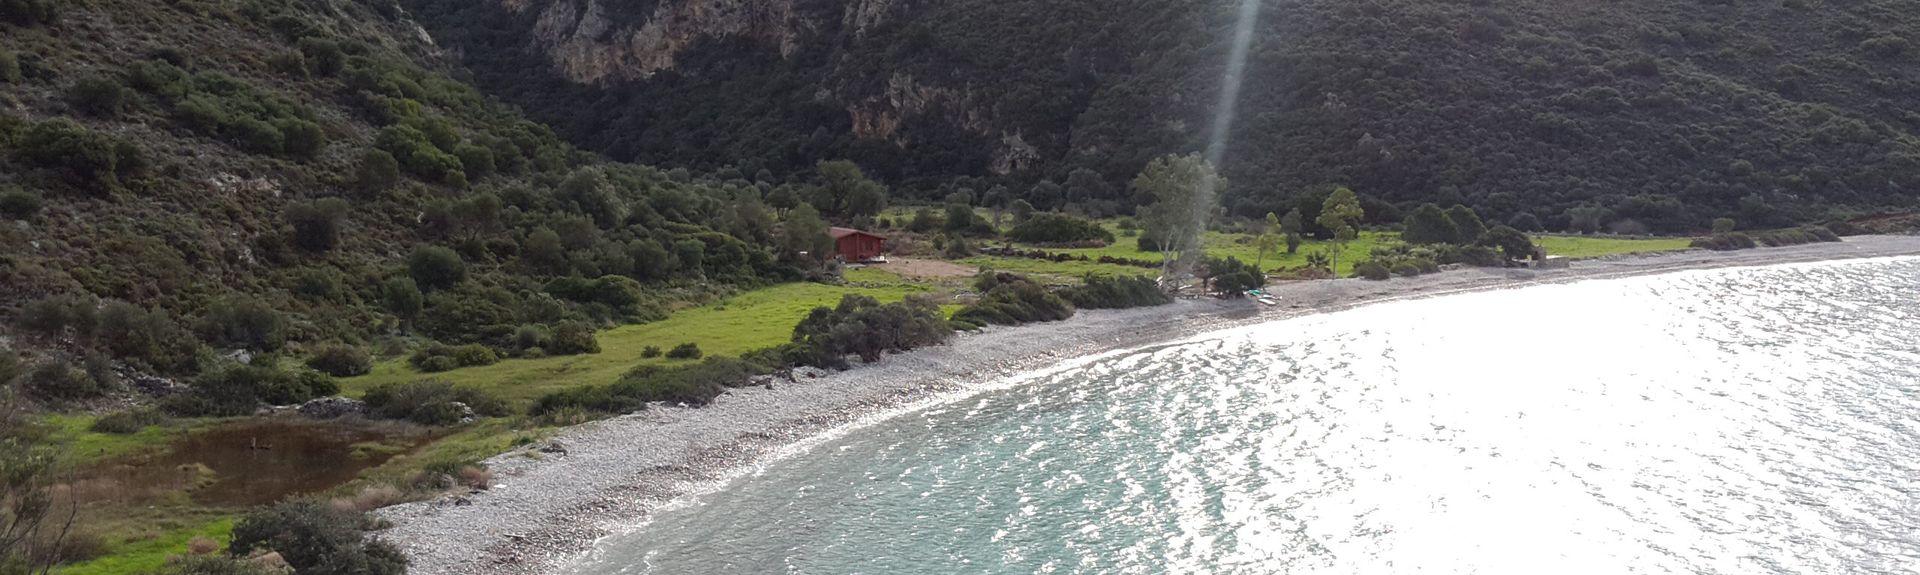 Selimiye, Muğla, Türkei